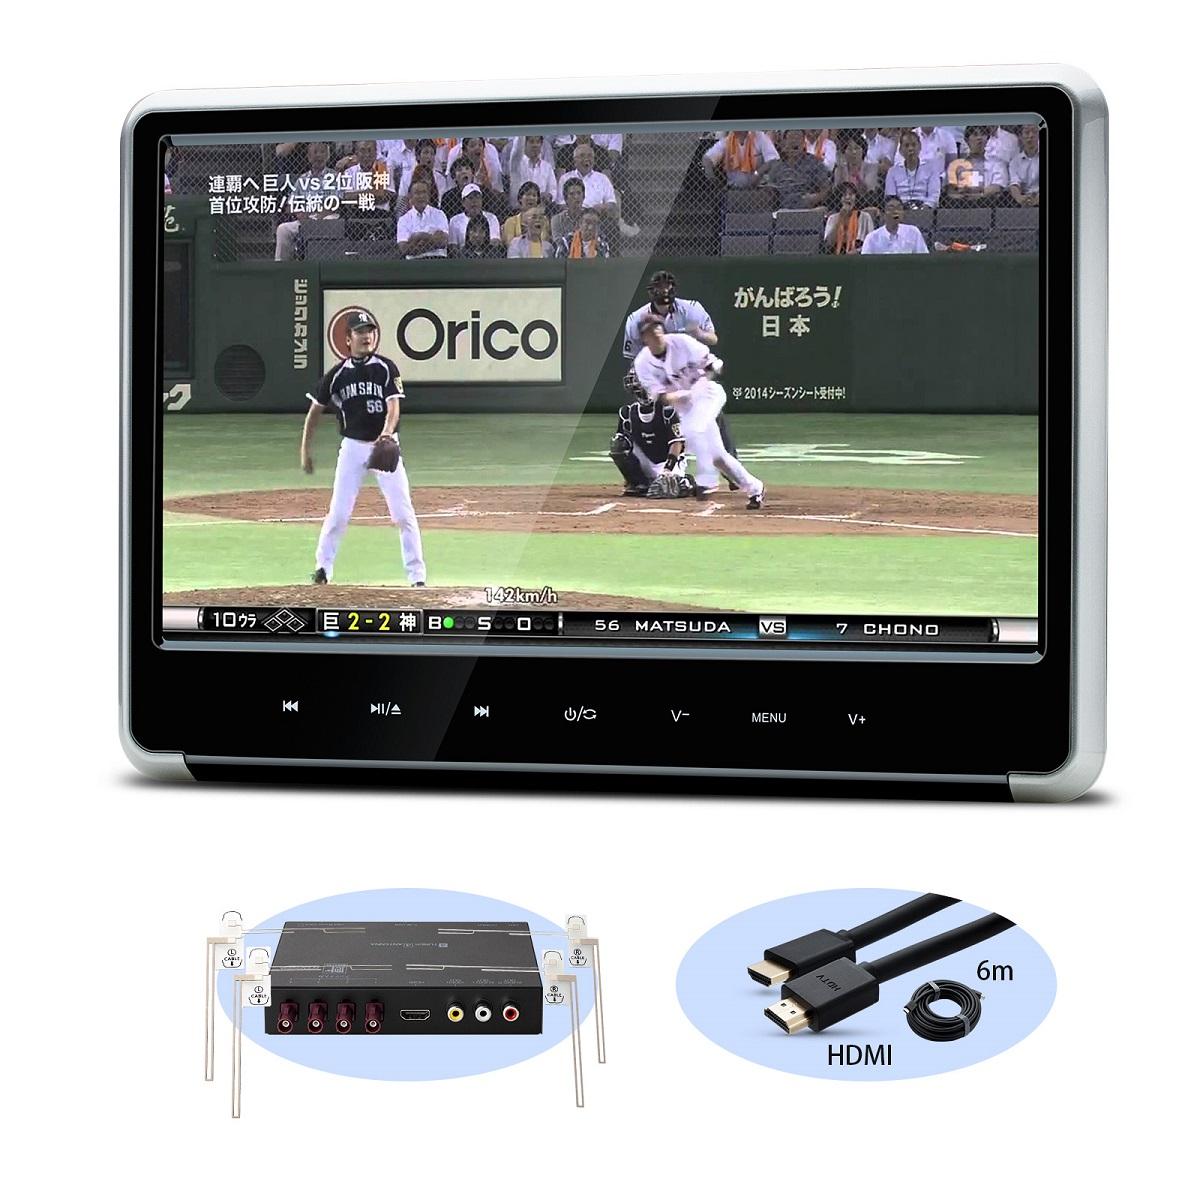 (HD121SIHD)XTRONS 11.6インチ 大画面 1920x1080超高画質 1080Pビデオ対応 4x4地デジ搭載 フルセグ ヘッドレストモニター DVDプレーヤー スロットイン式 軽薄 取付0円 ゲーム HDMI・USB・SD 1個1セット 一年保証付き